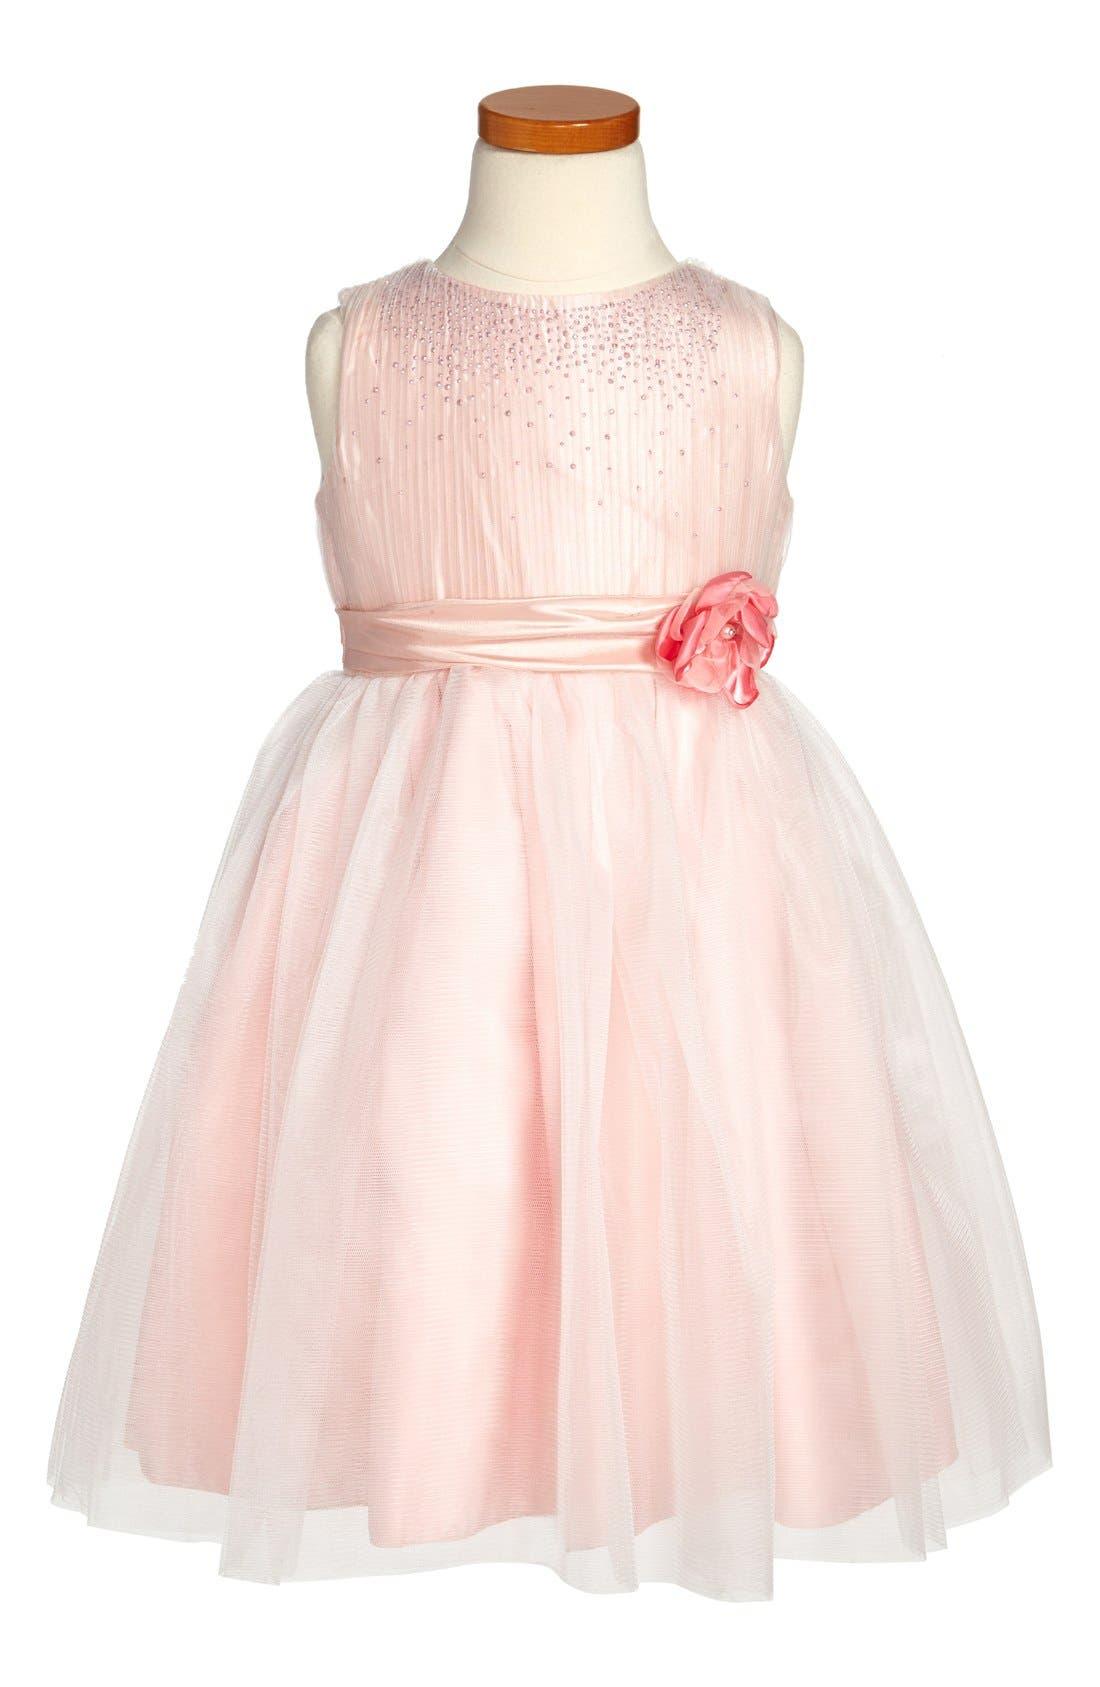 Alternate Image 1 Selected - Dorissa 'Serena' Dress (Little Girls)